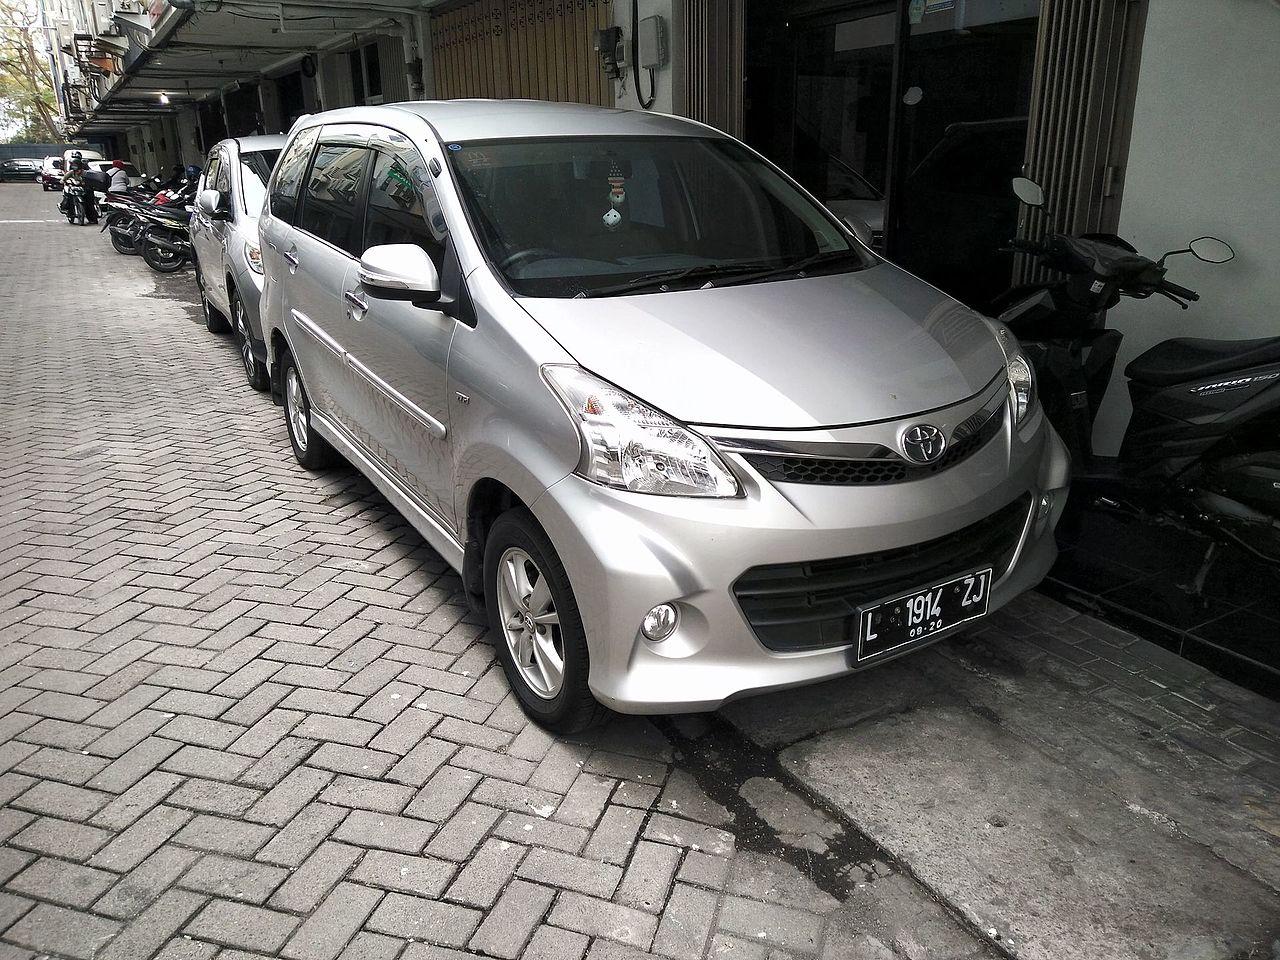 Kelebihan Kekurangan Mobil Avanza Veloz Perbandingan Harga